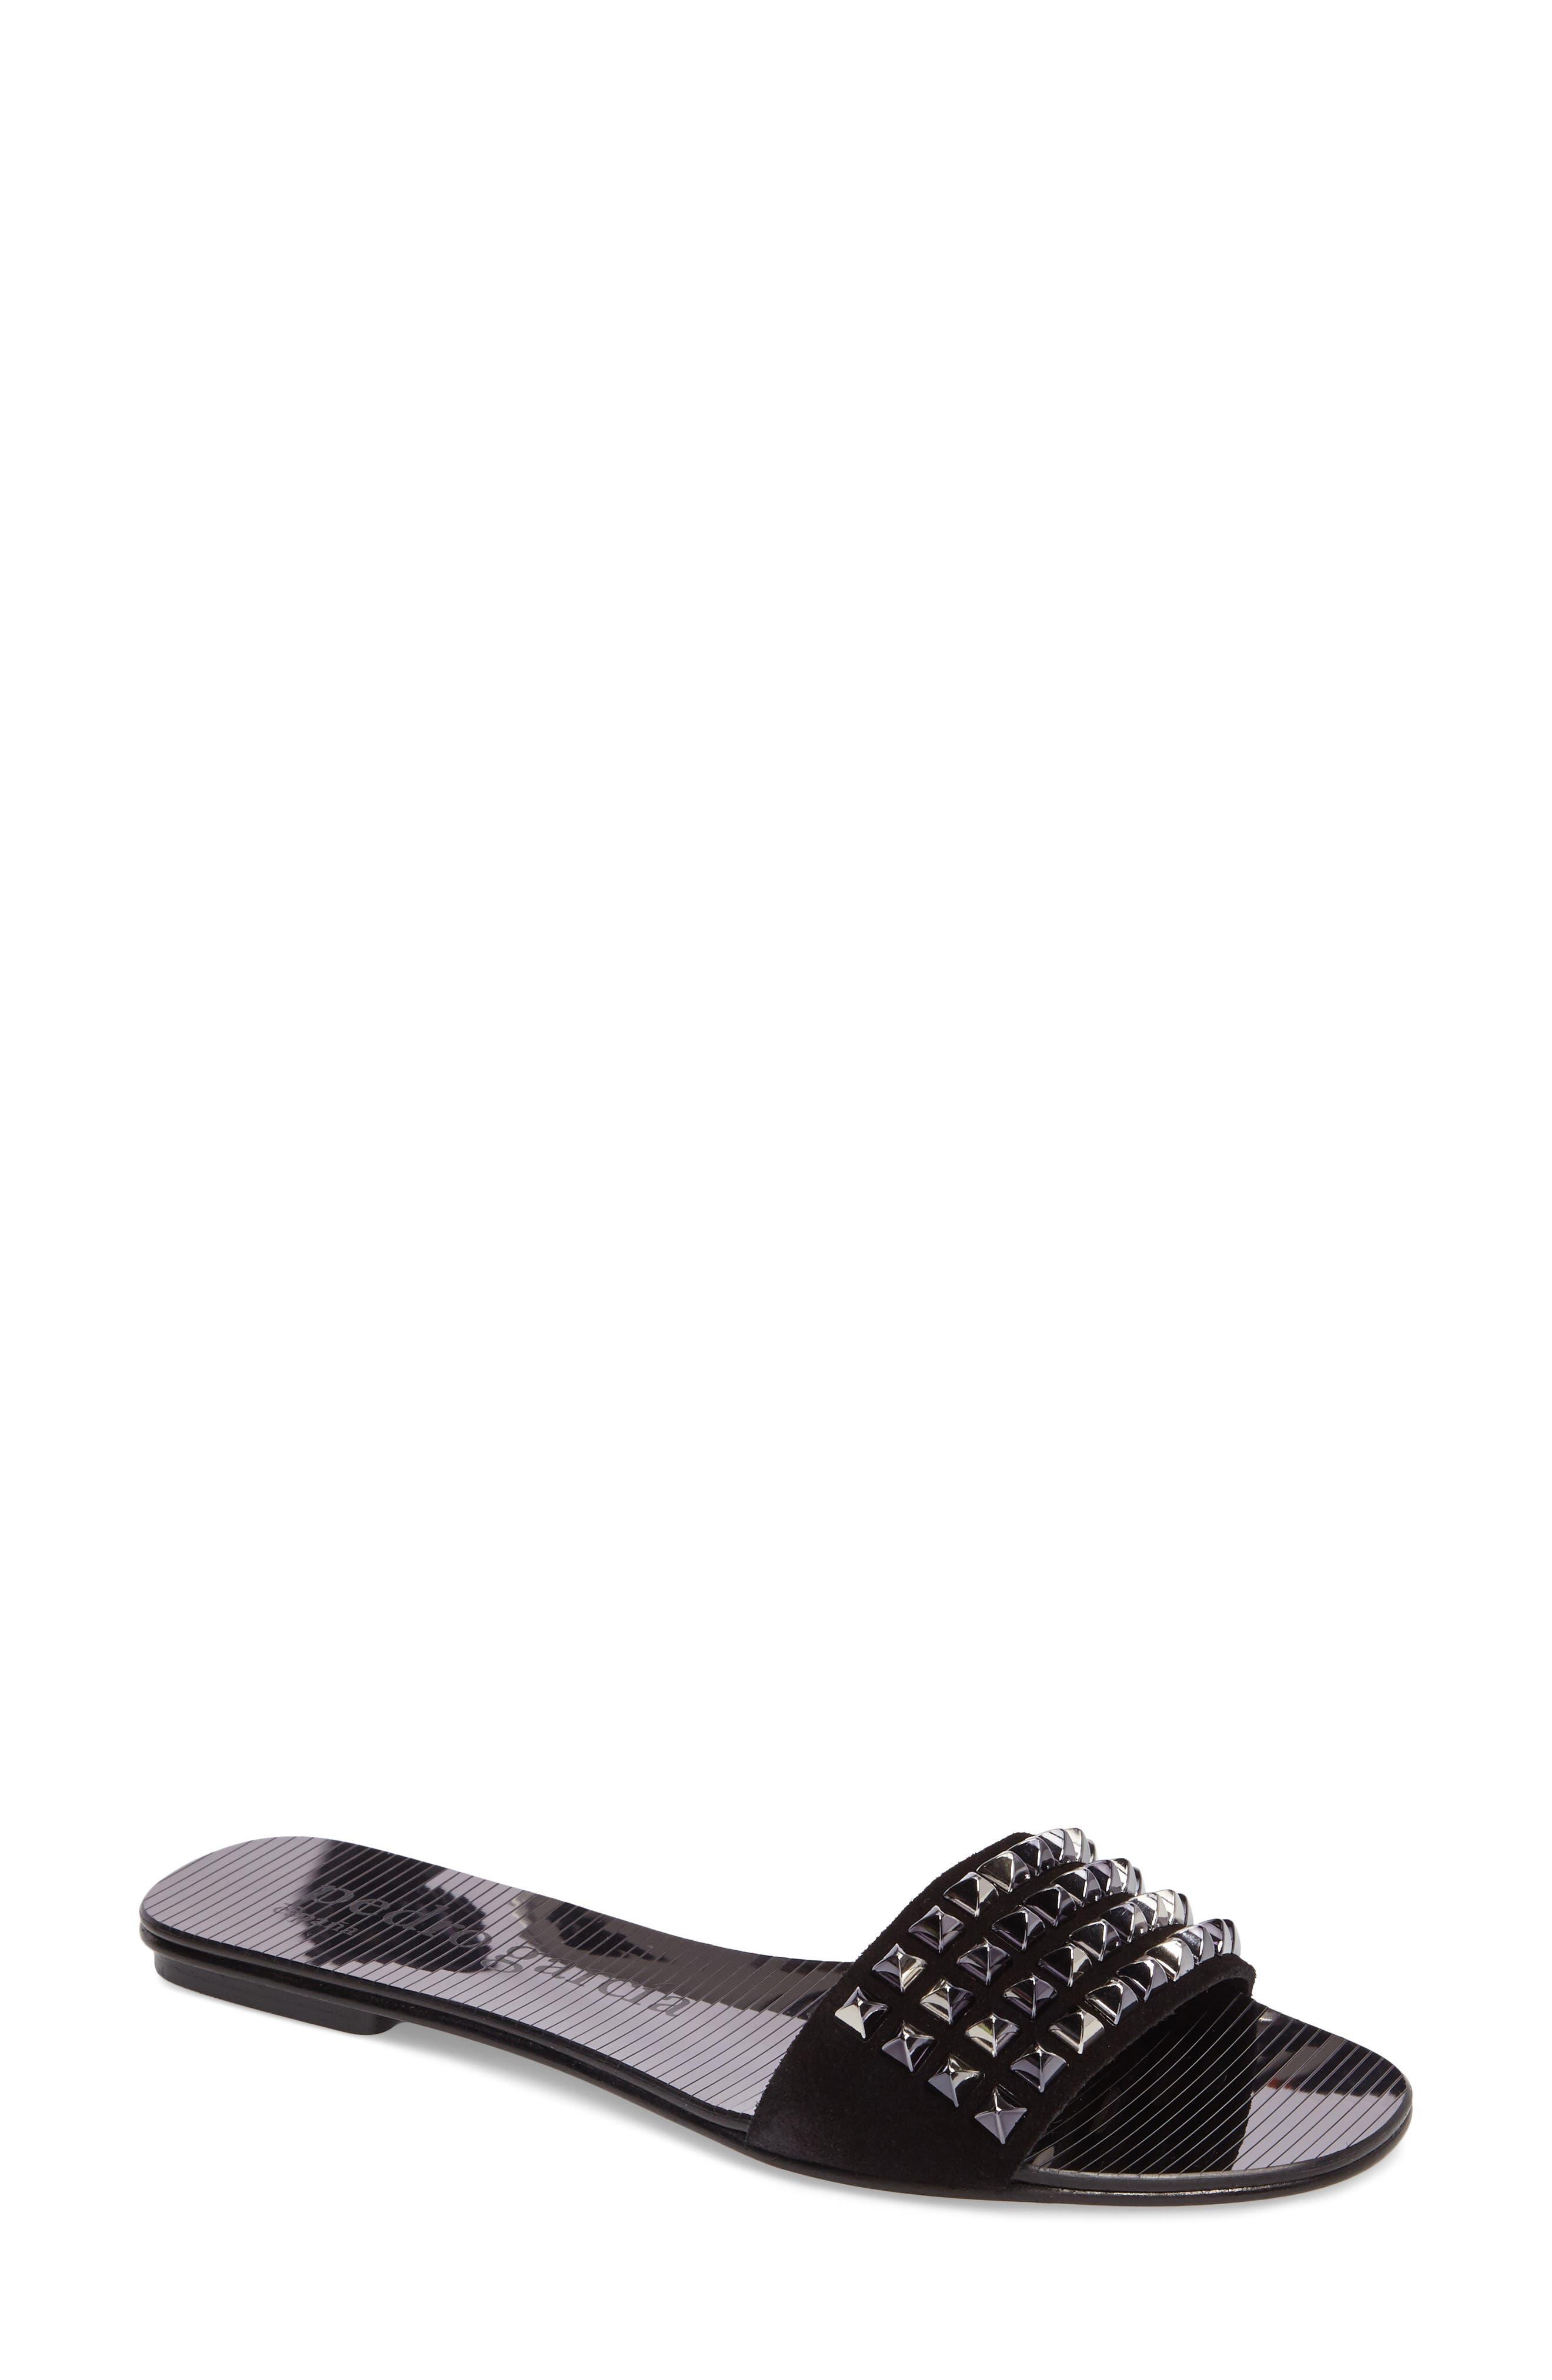 Main Image - Pedro Garcia Edge Studded Slide Sandal (Women)